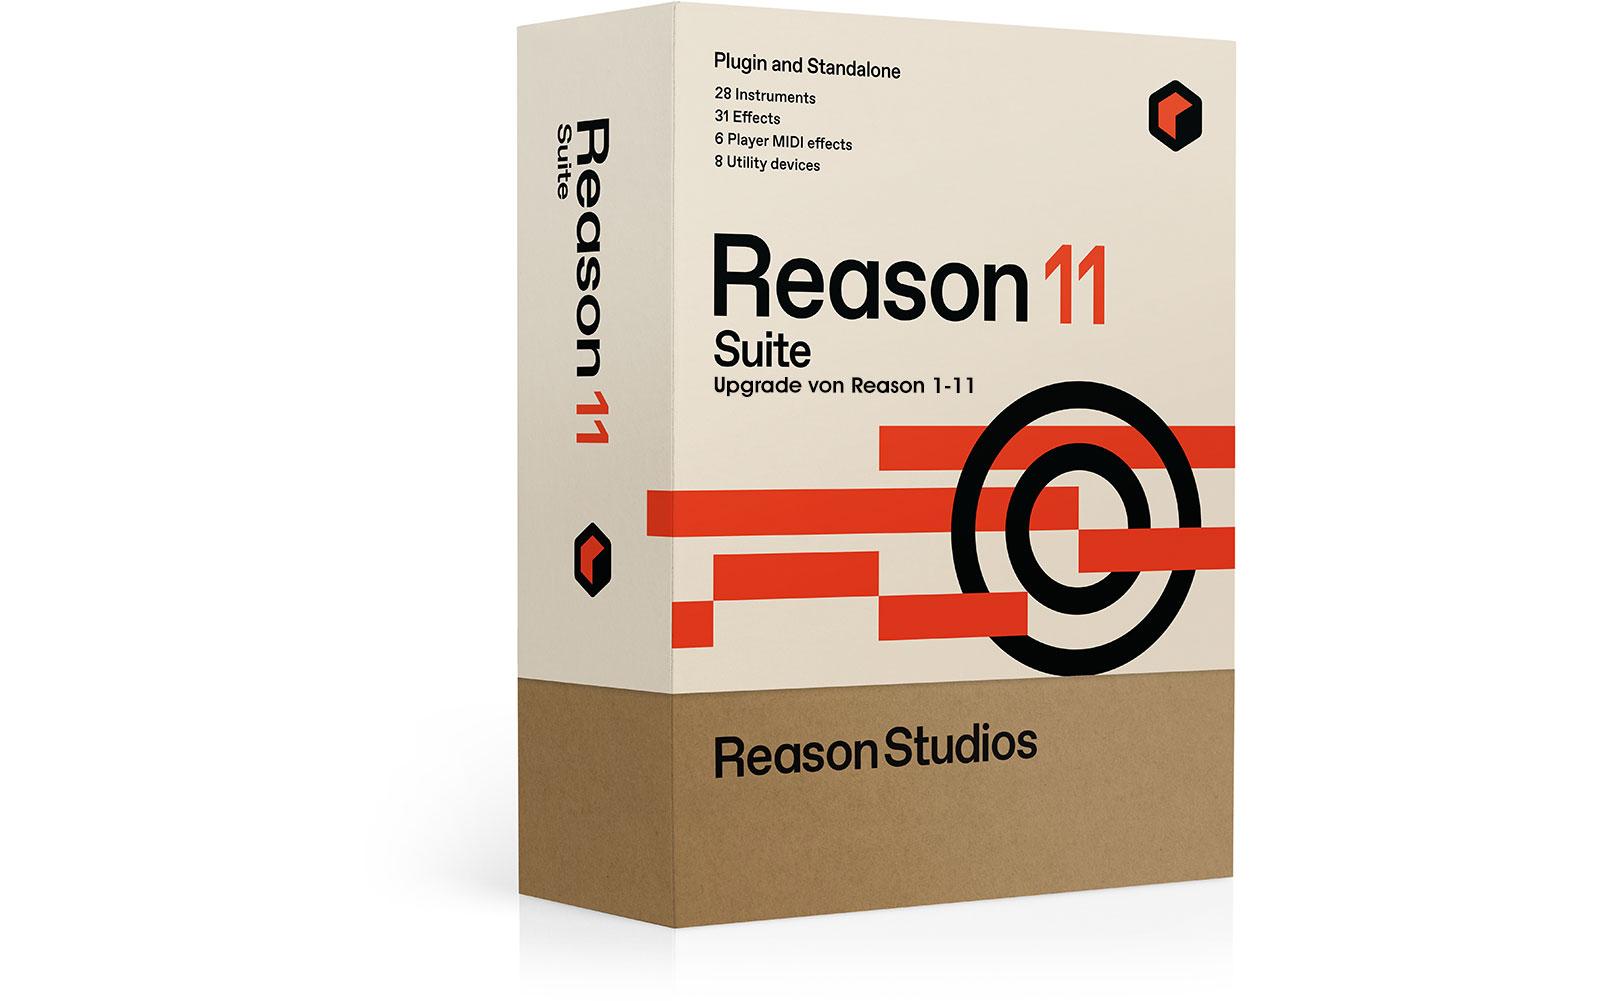 reason-studios-reason-11-suite-upgrade-box